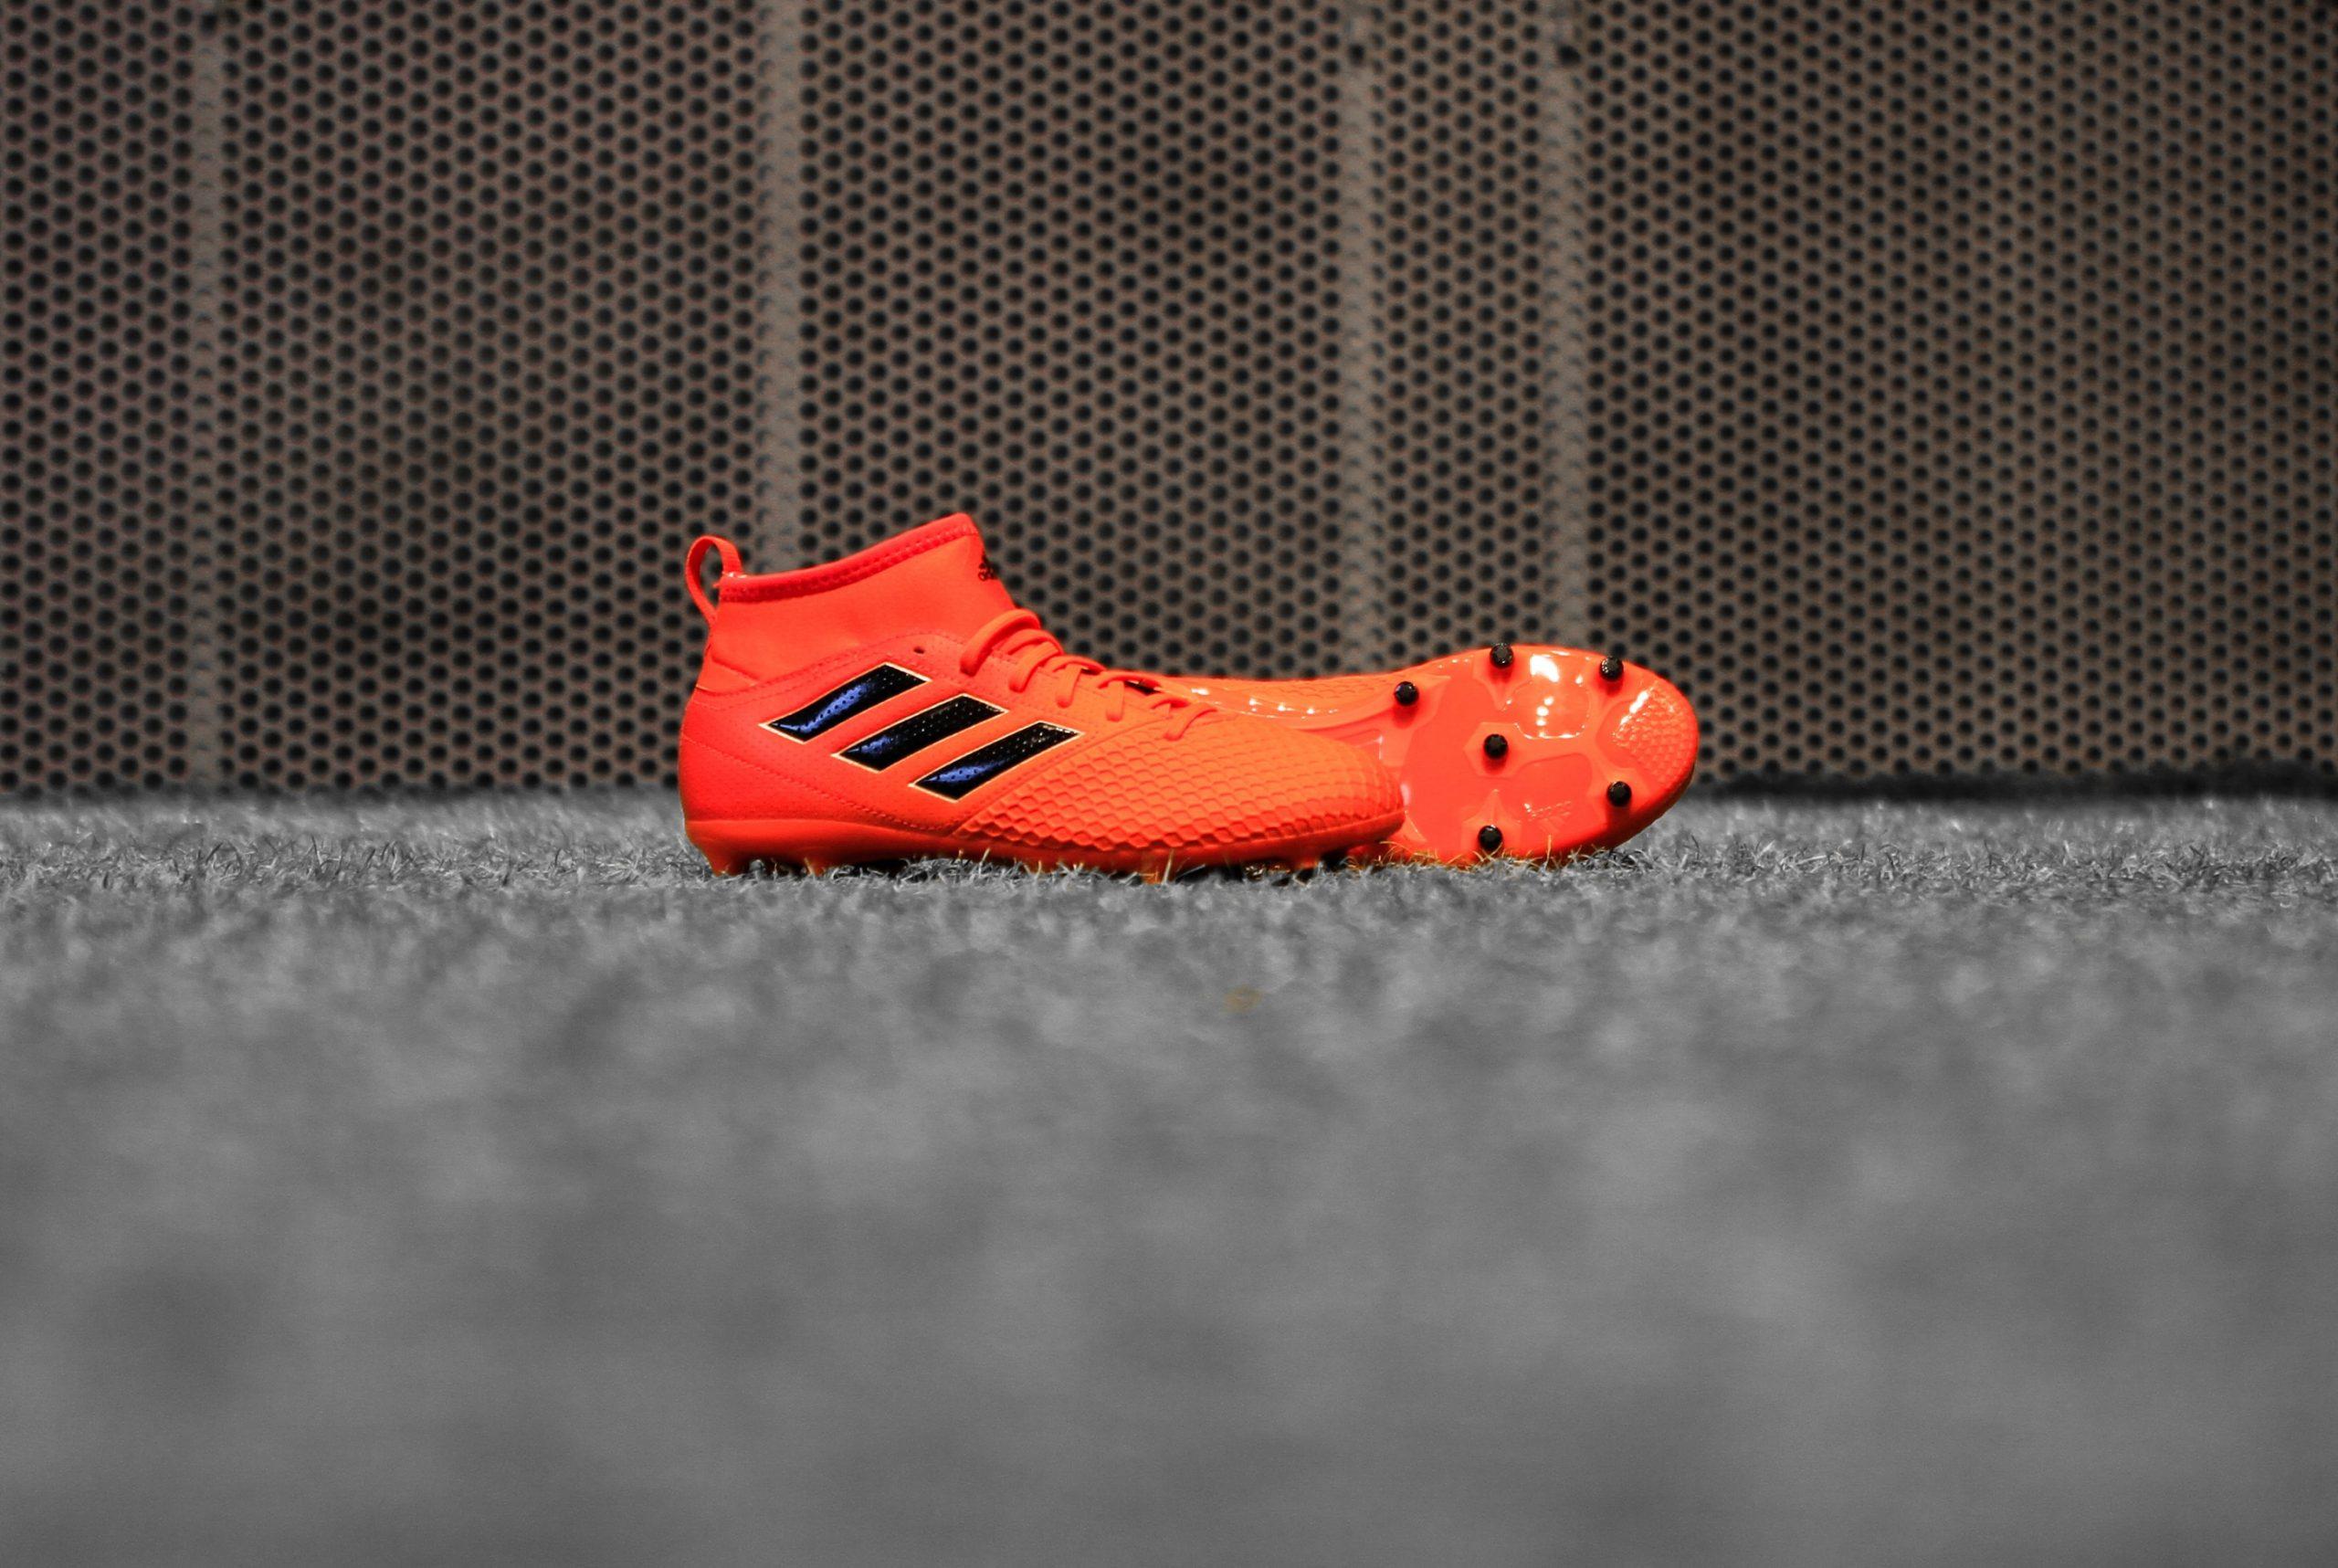 Migliori scarpe da calcio Adidas 2021: Guida all'acquisto